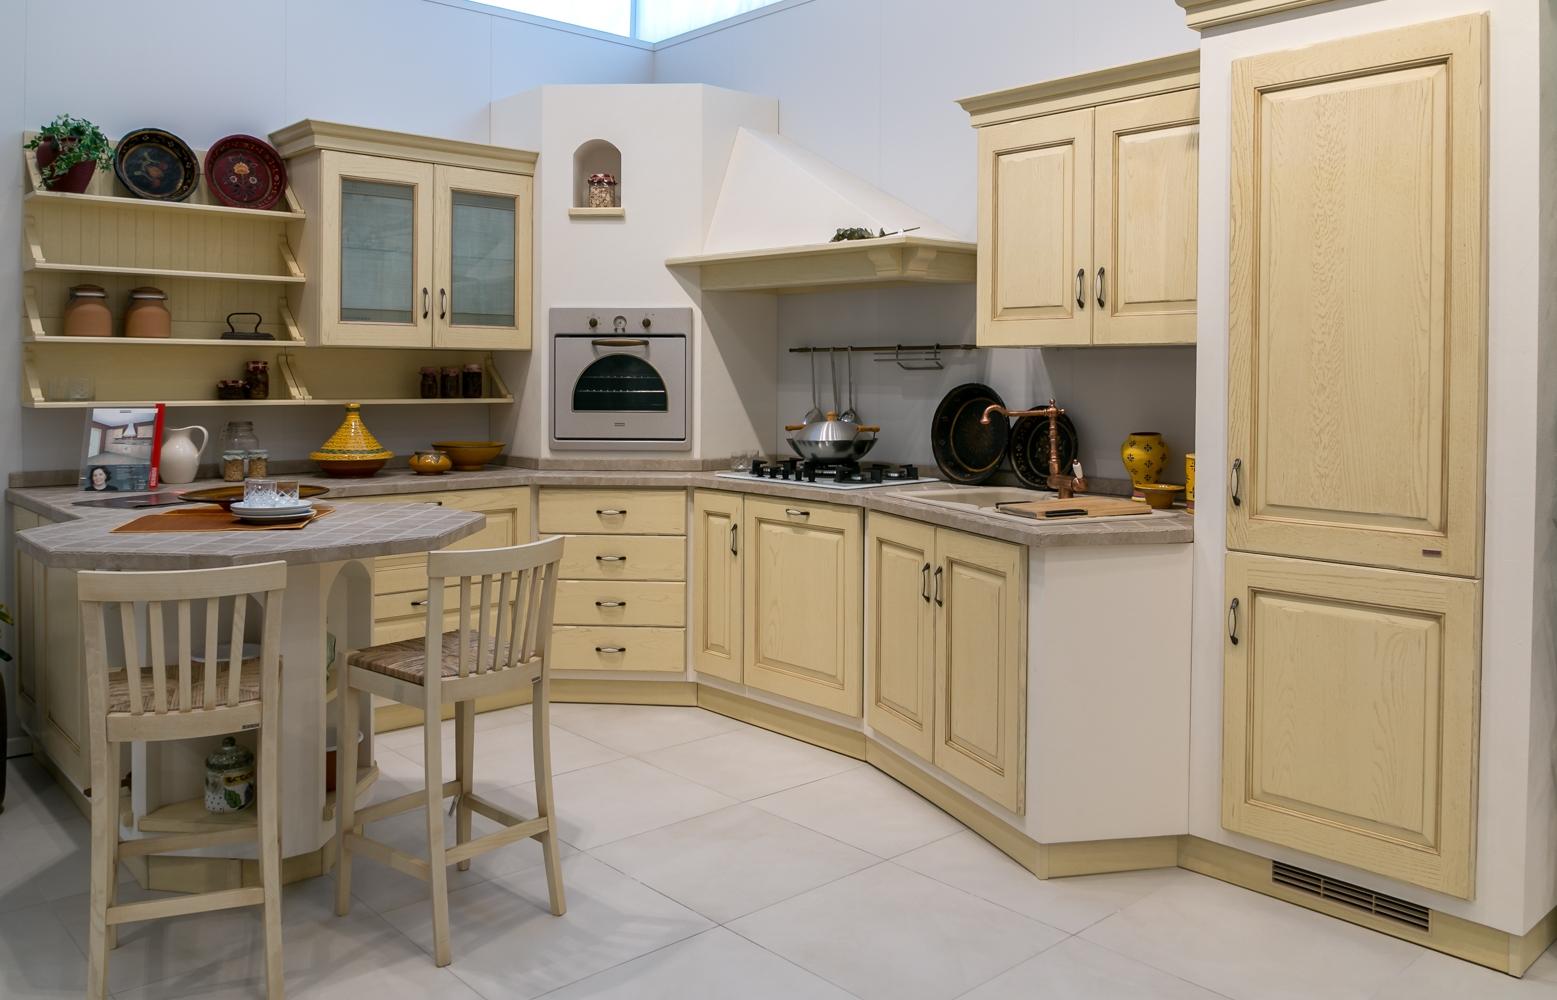 Cucina in muratura Scavolini modello Belvedere scontata del 40% - Cucine a prezzi scontati